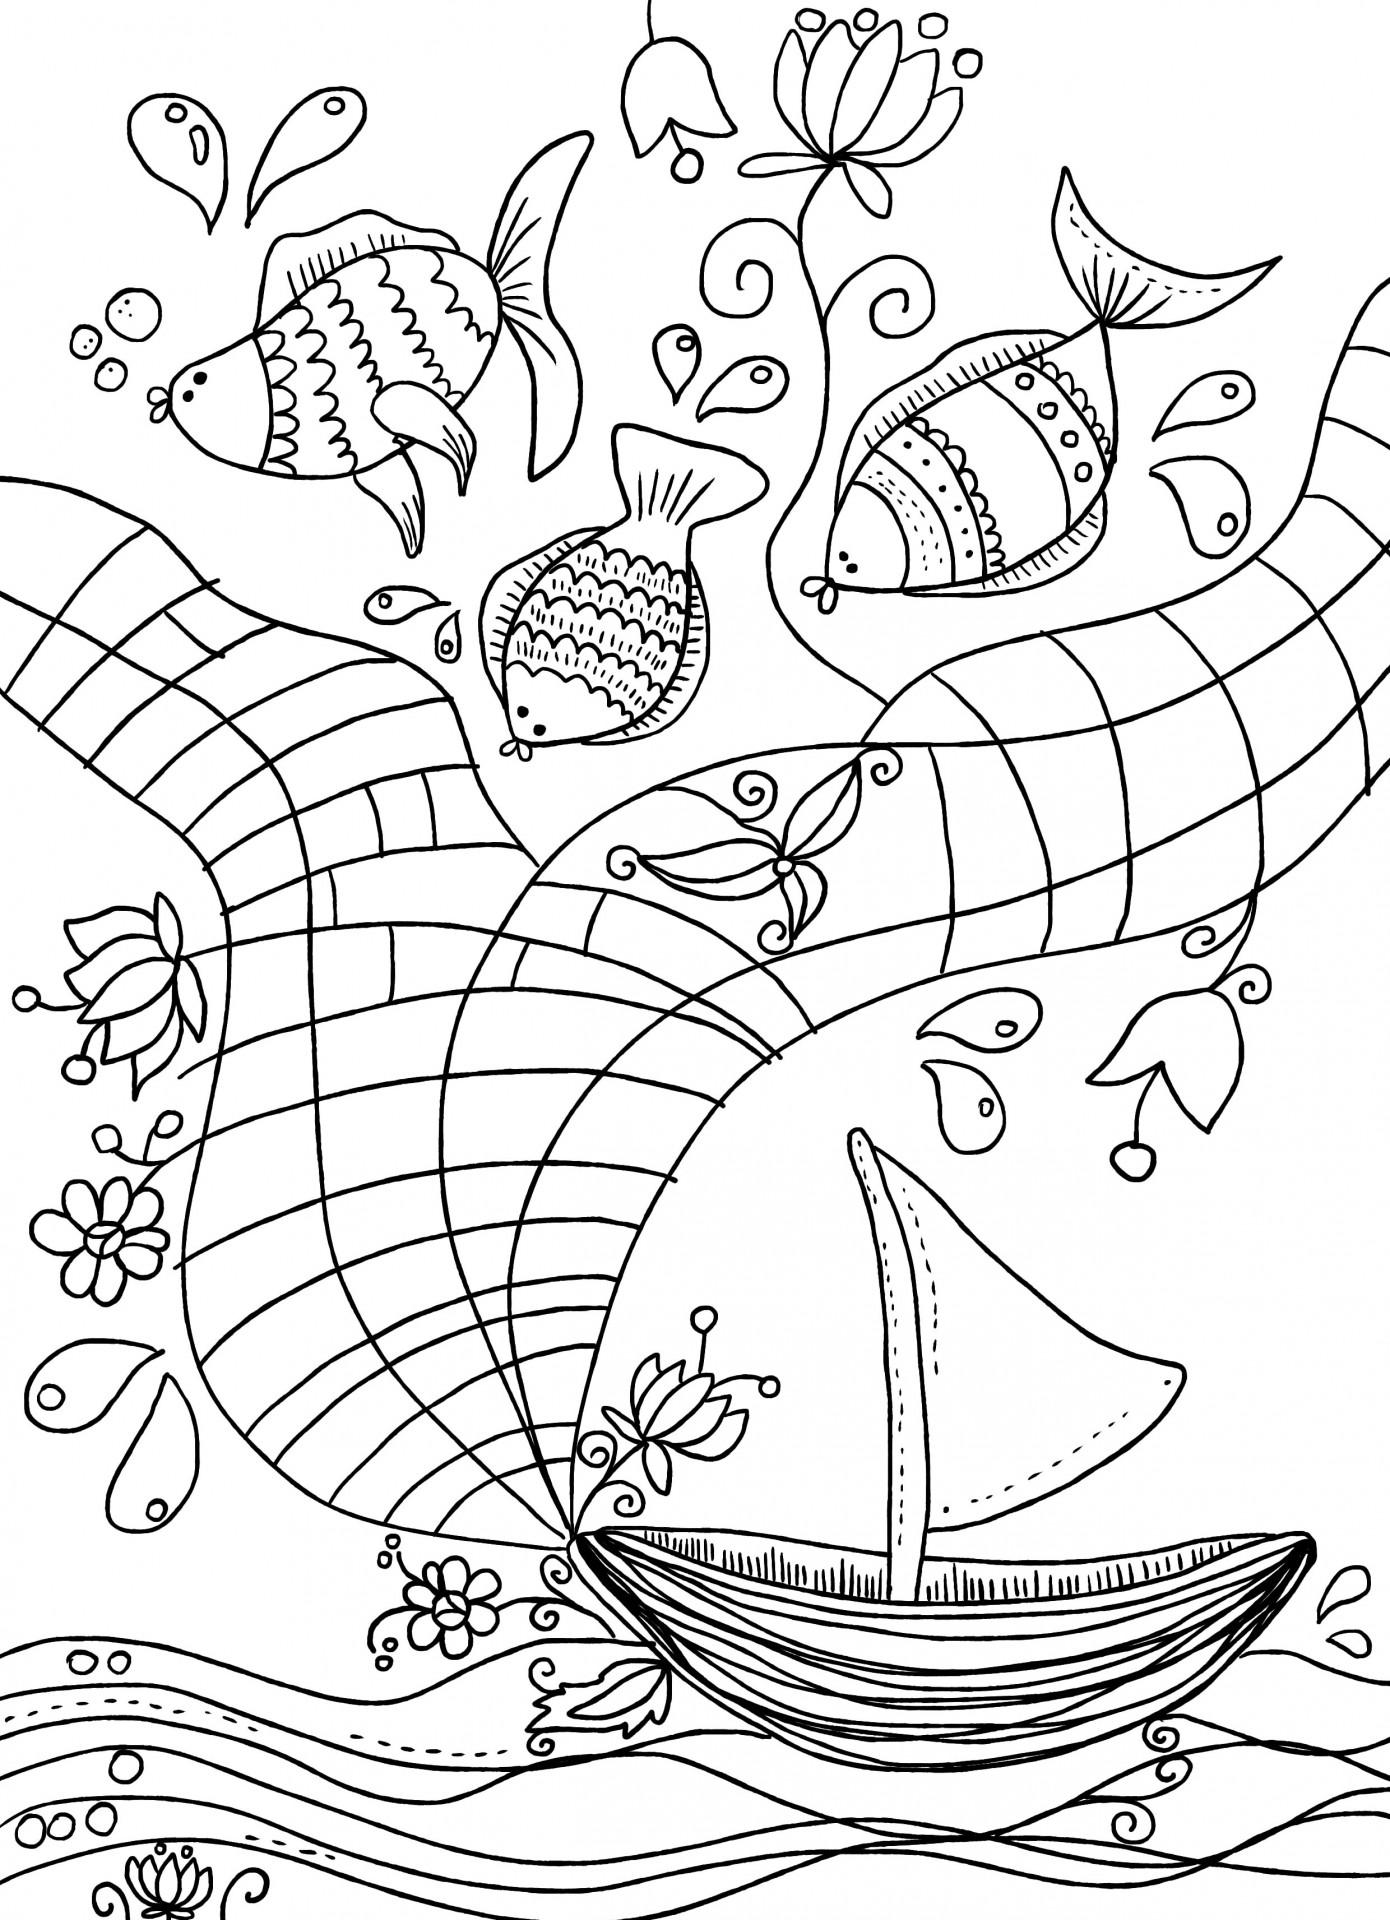 Kolorowanka autorstwa Karoliny Kułaga. Źródło: archiwum prywatne.